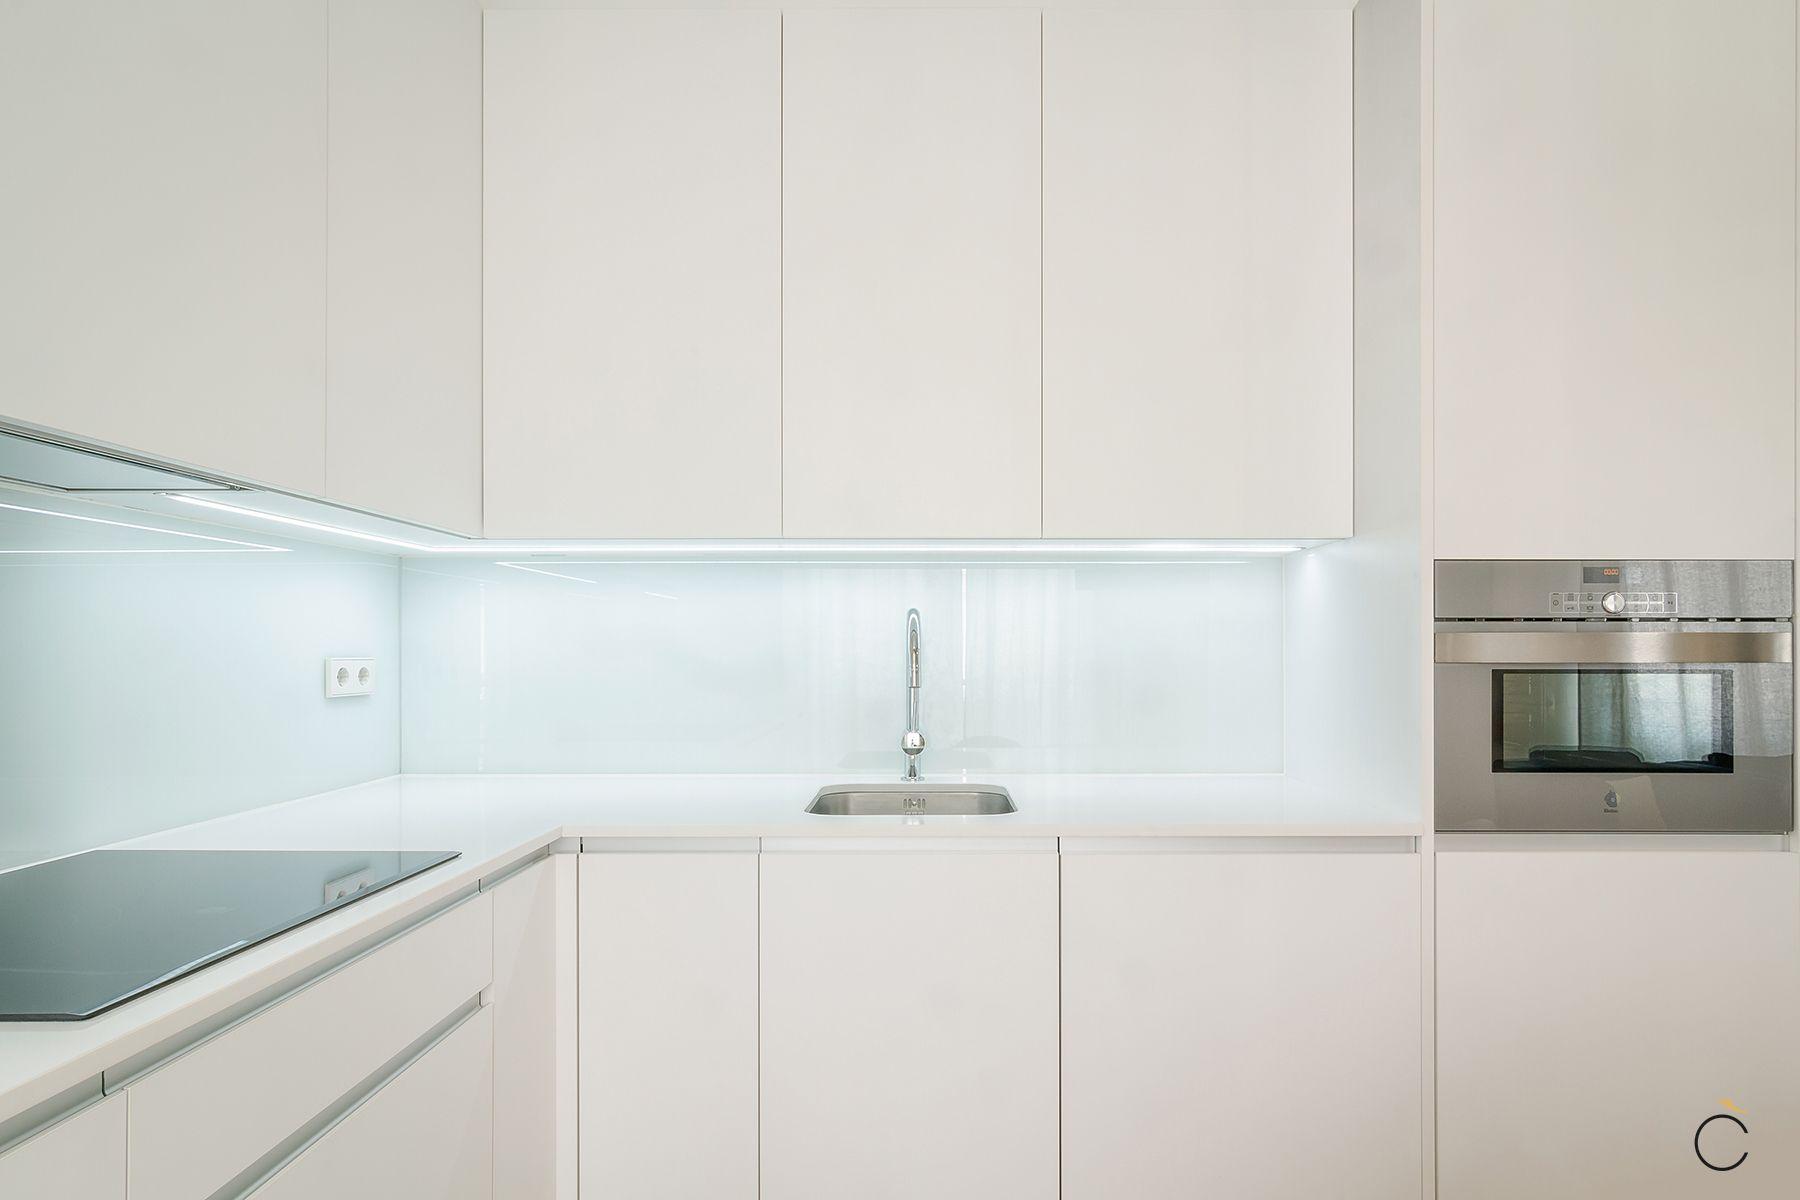 Cocina blanca con luces Led debajo de los muebles altos para ...